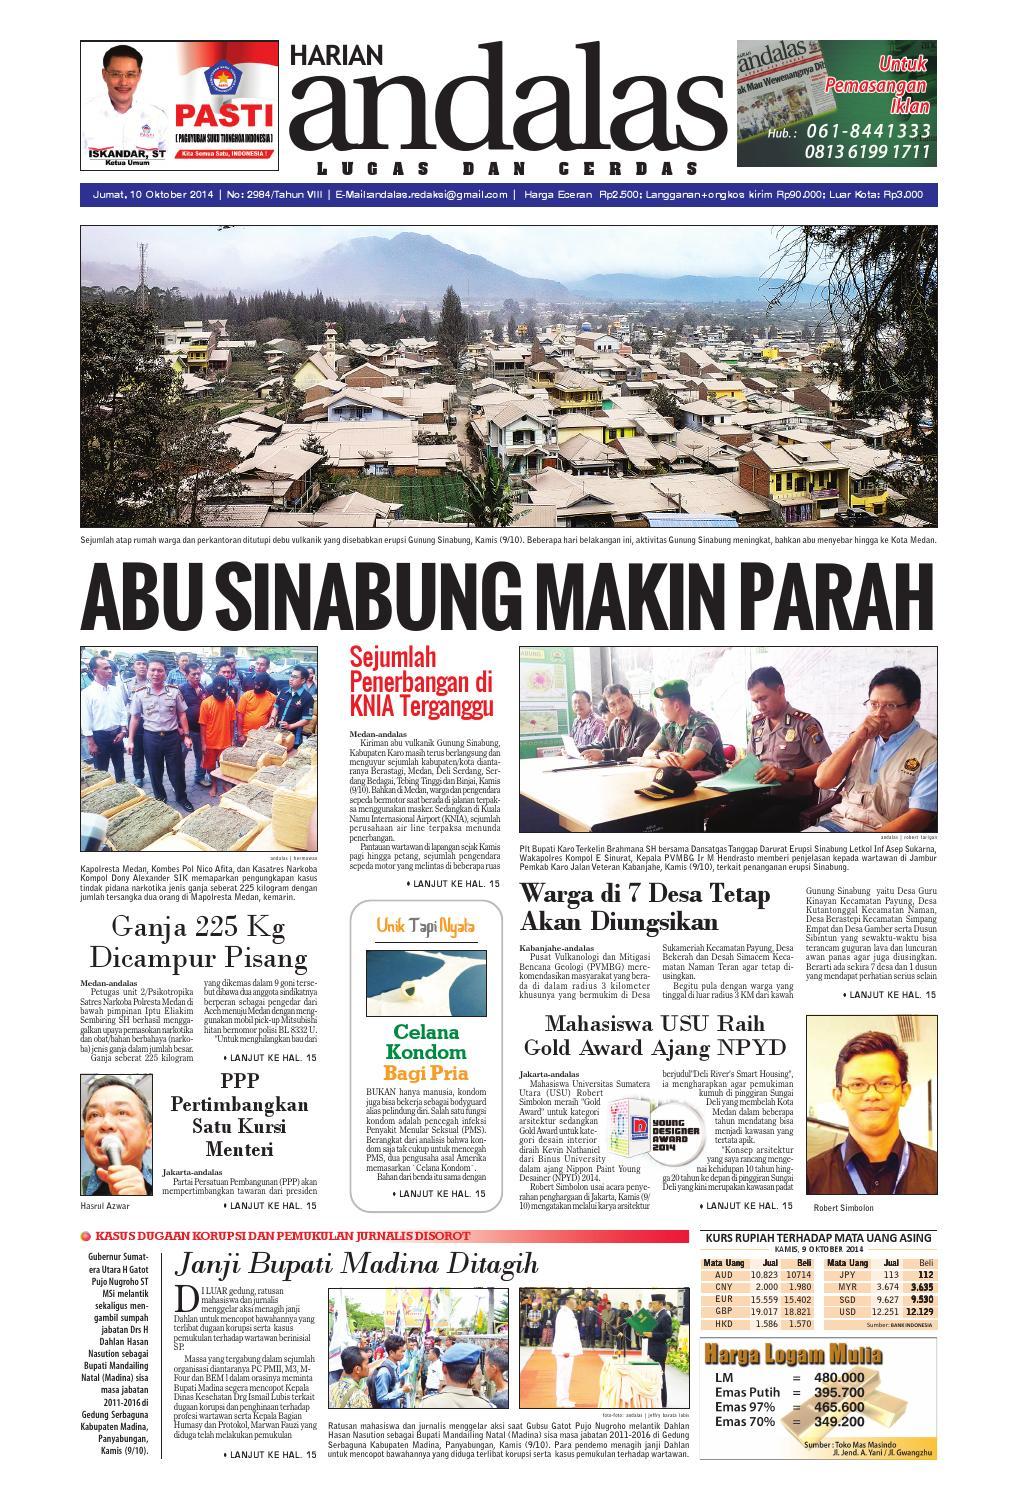 Epaper Andalas Edisi Jumat 10 Oktober 2014 By Media Issuu Fcenter Lemari Pakaian Wd Hk 1802 Sh Jawa Tengah